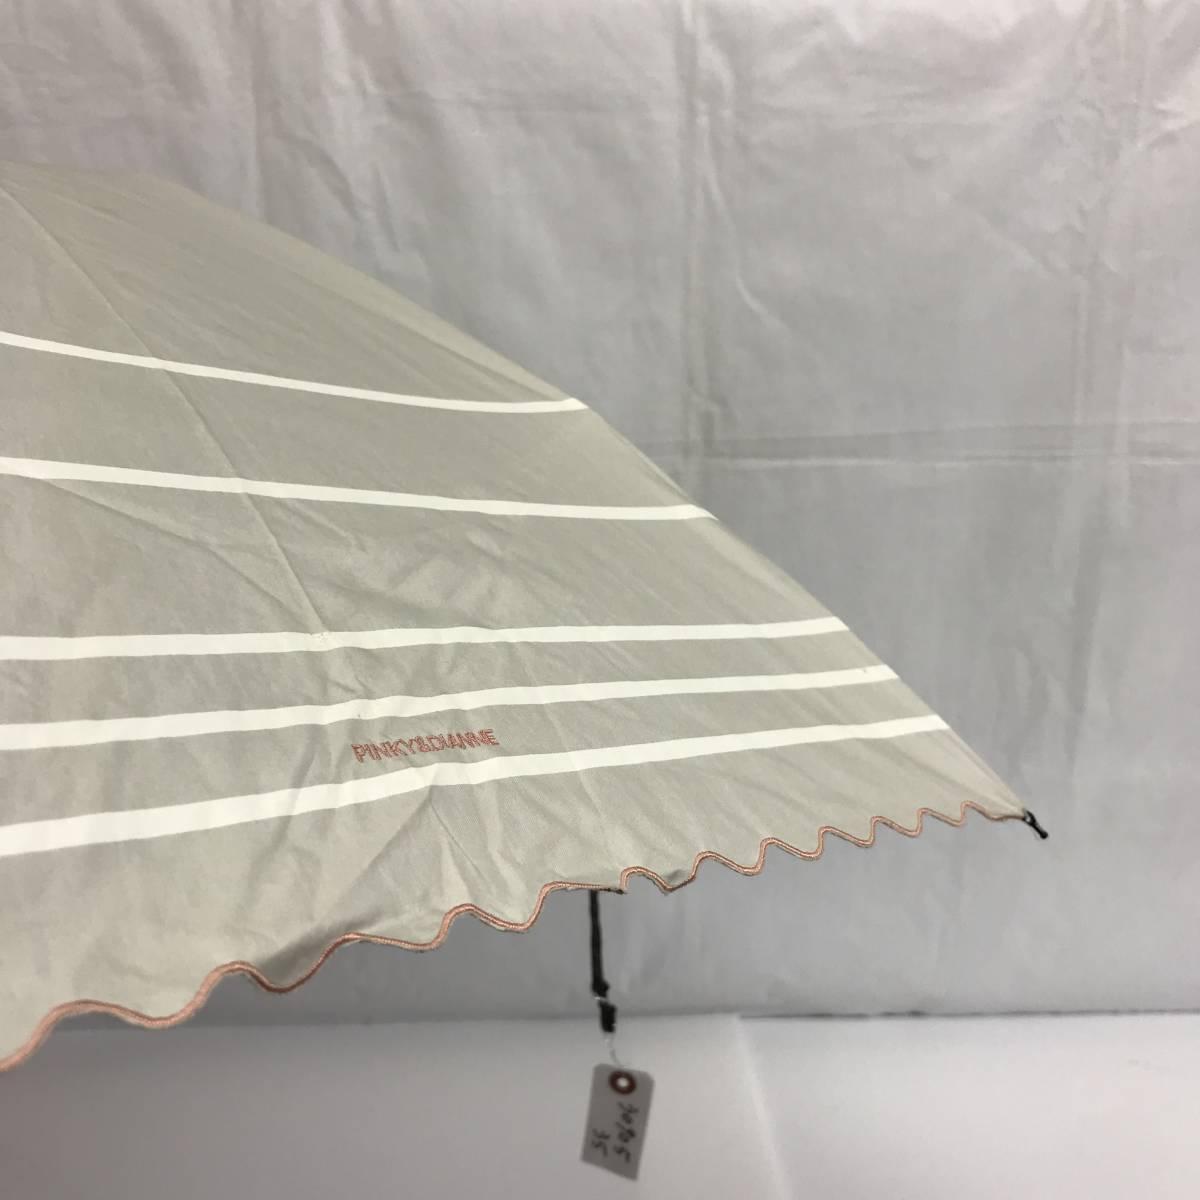 う090535 中古 Pinky&Dianne ピンキー&ダイアン AURORA オーロラ 晴雨兼用 雨傘 日傘 折りたたみ傘 女性用_画像5